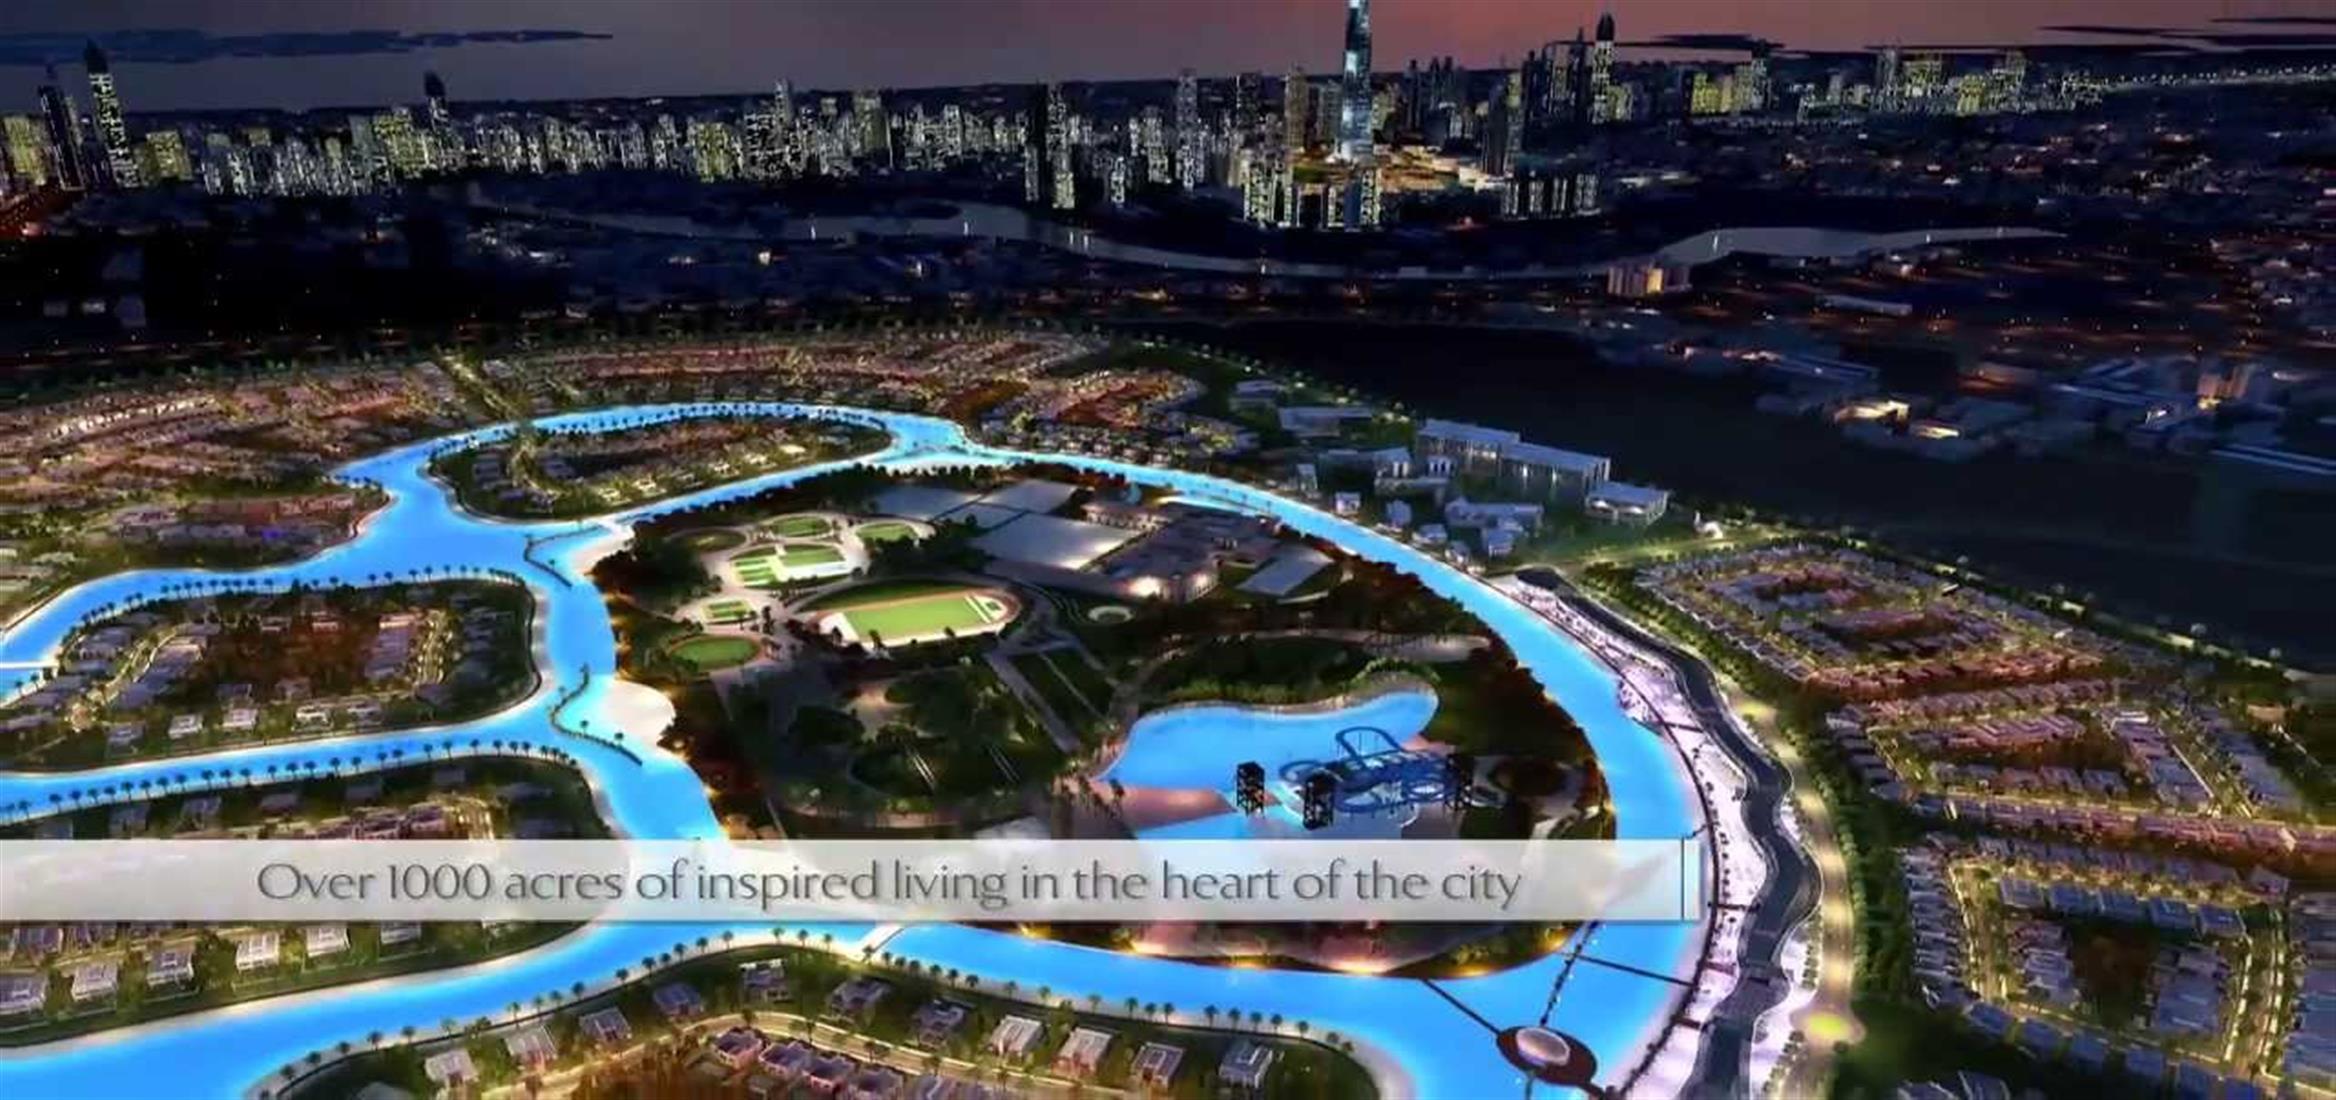 Mohd Bin Rashid City